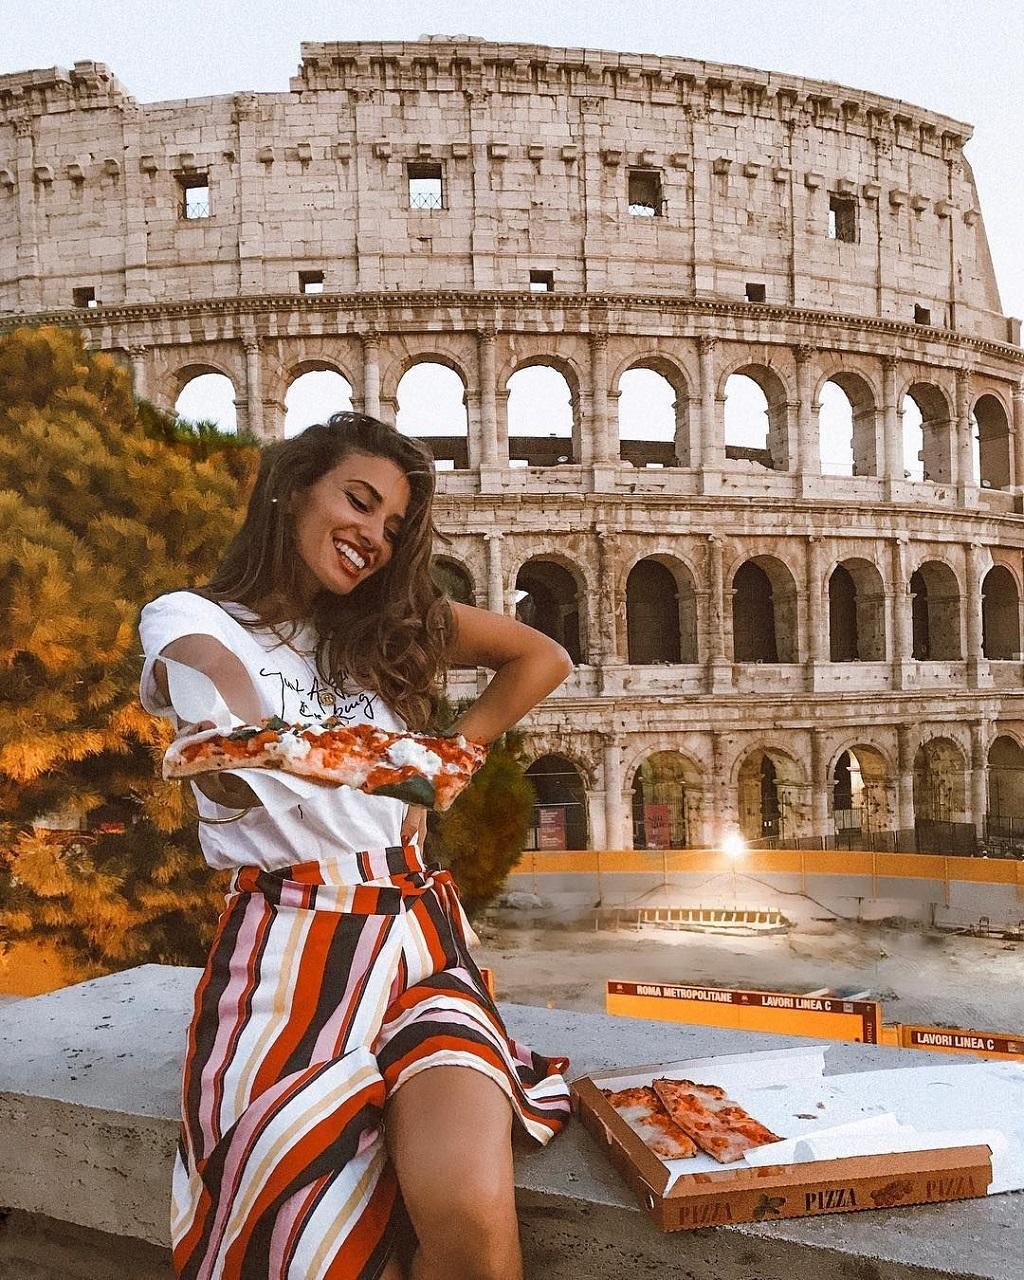 ТОП-5 русских фотографов в Риме